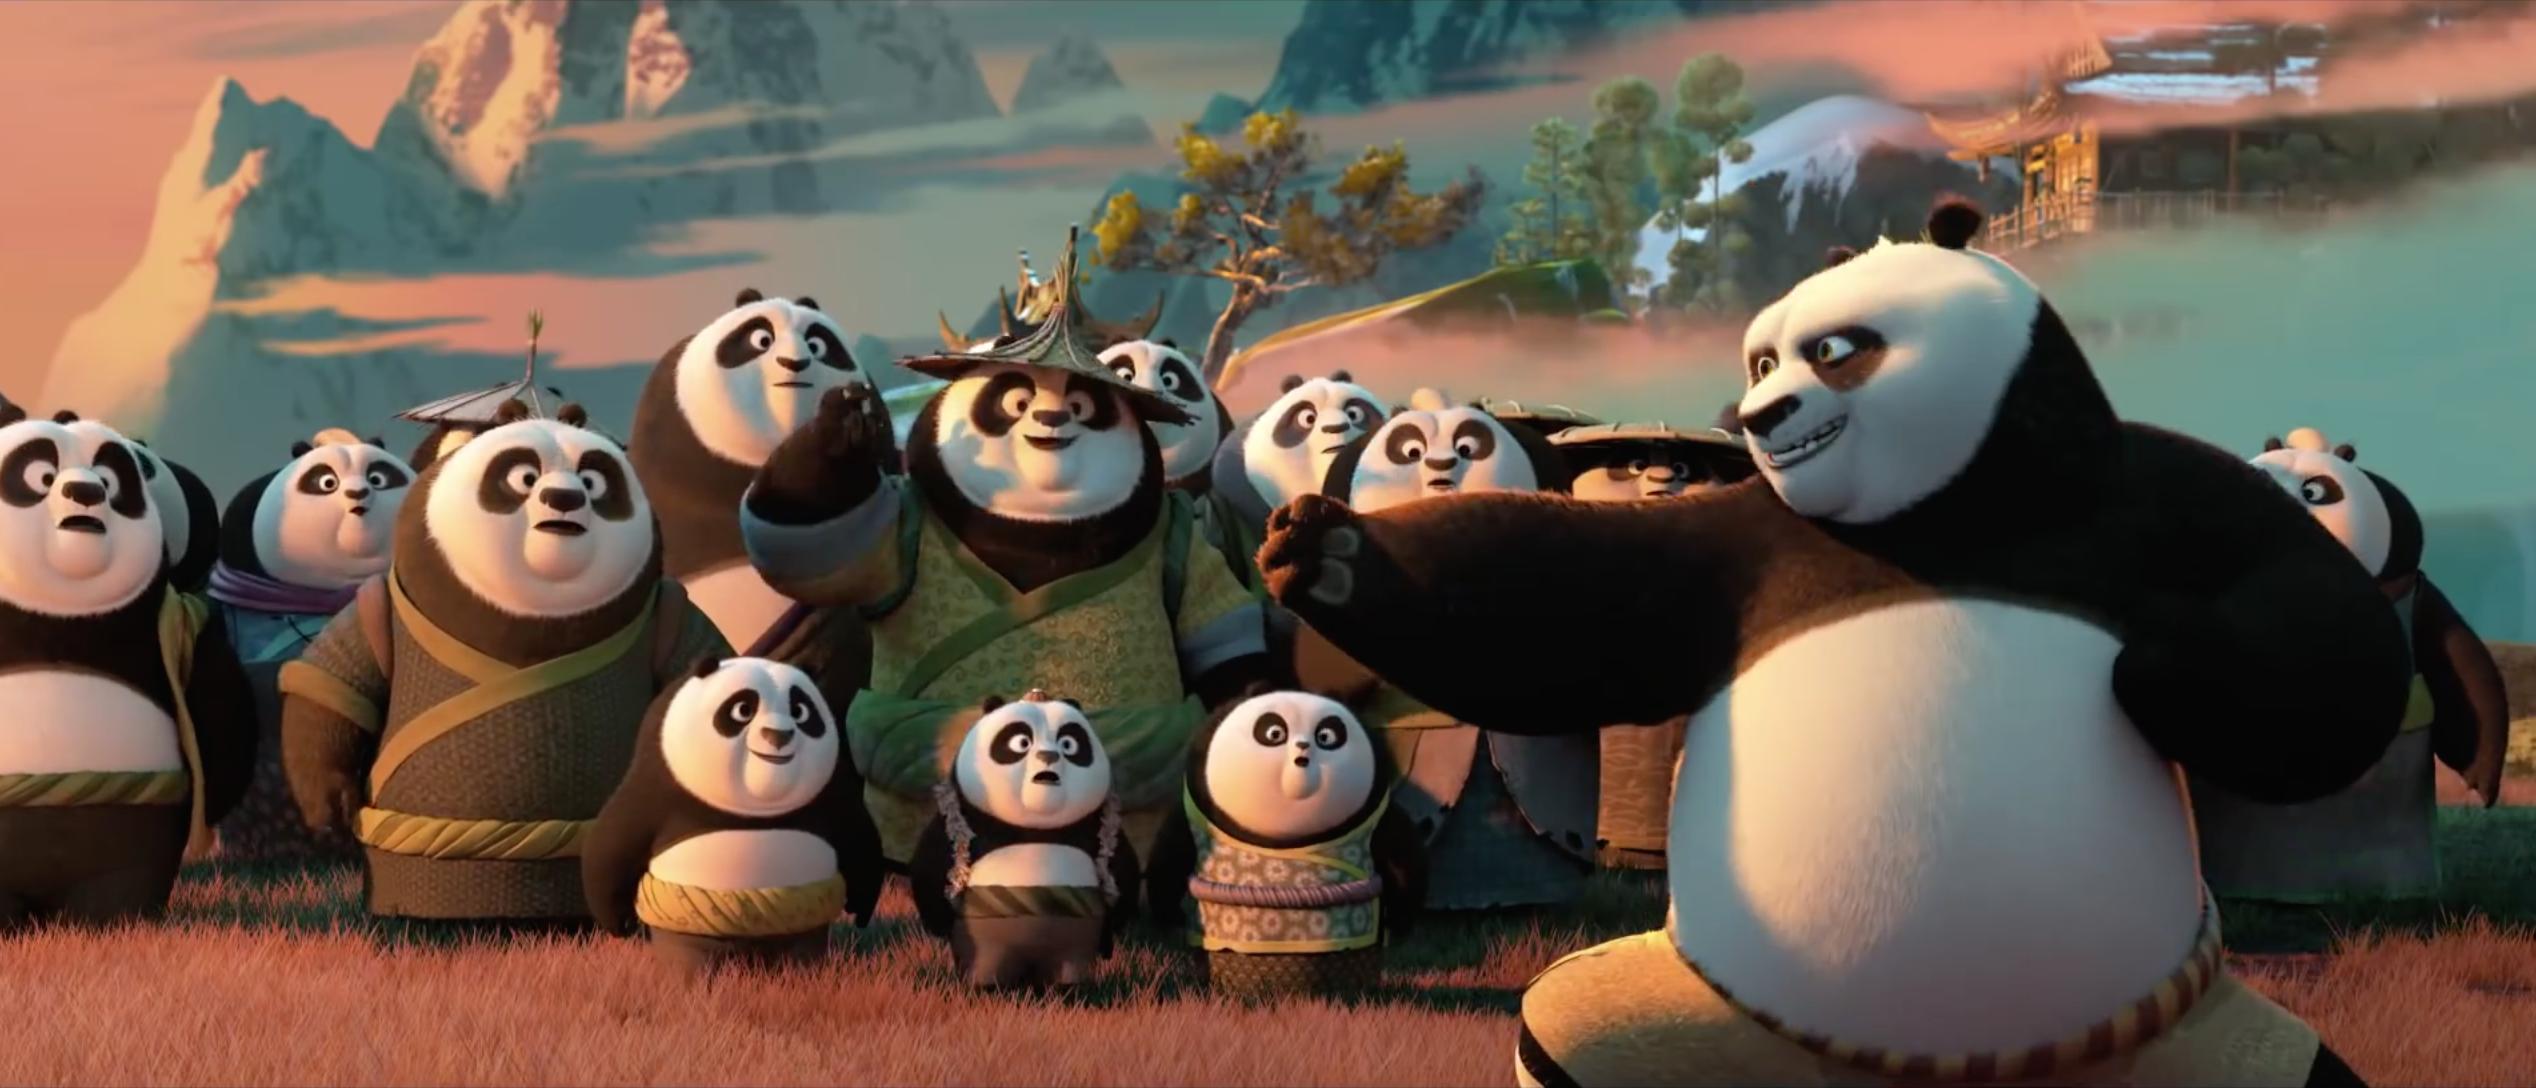 Kung Fu Panda 3 Wikipedia